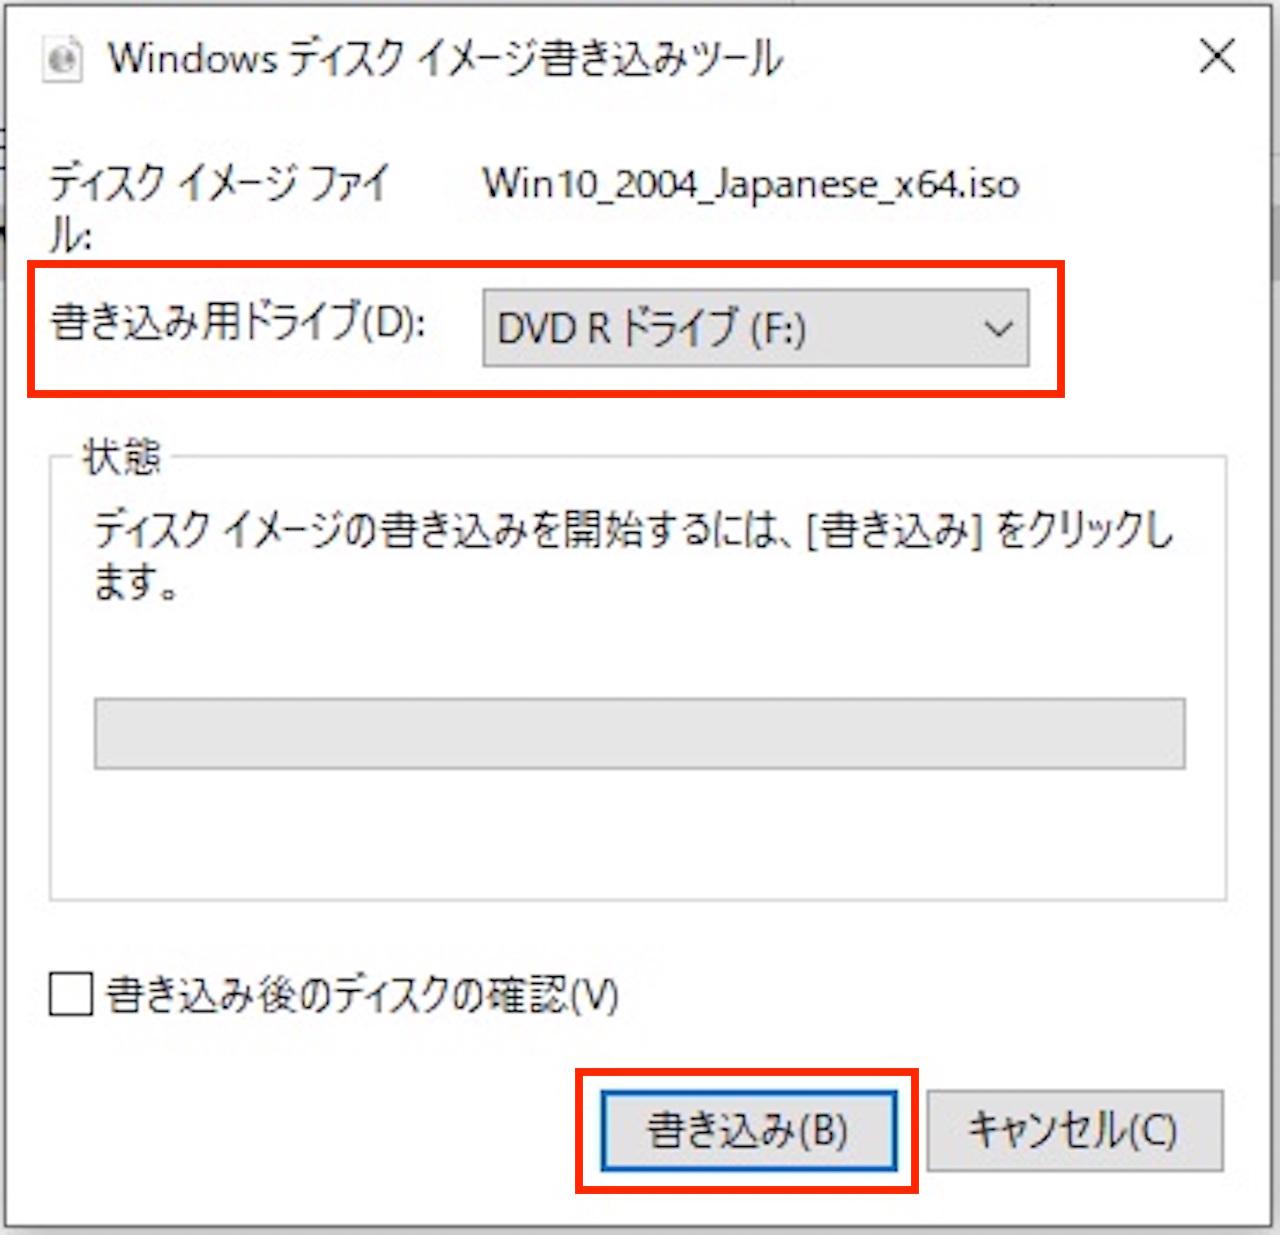 Windows10のインストールディスクの作成方法③